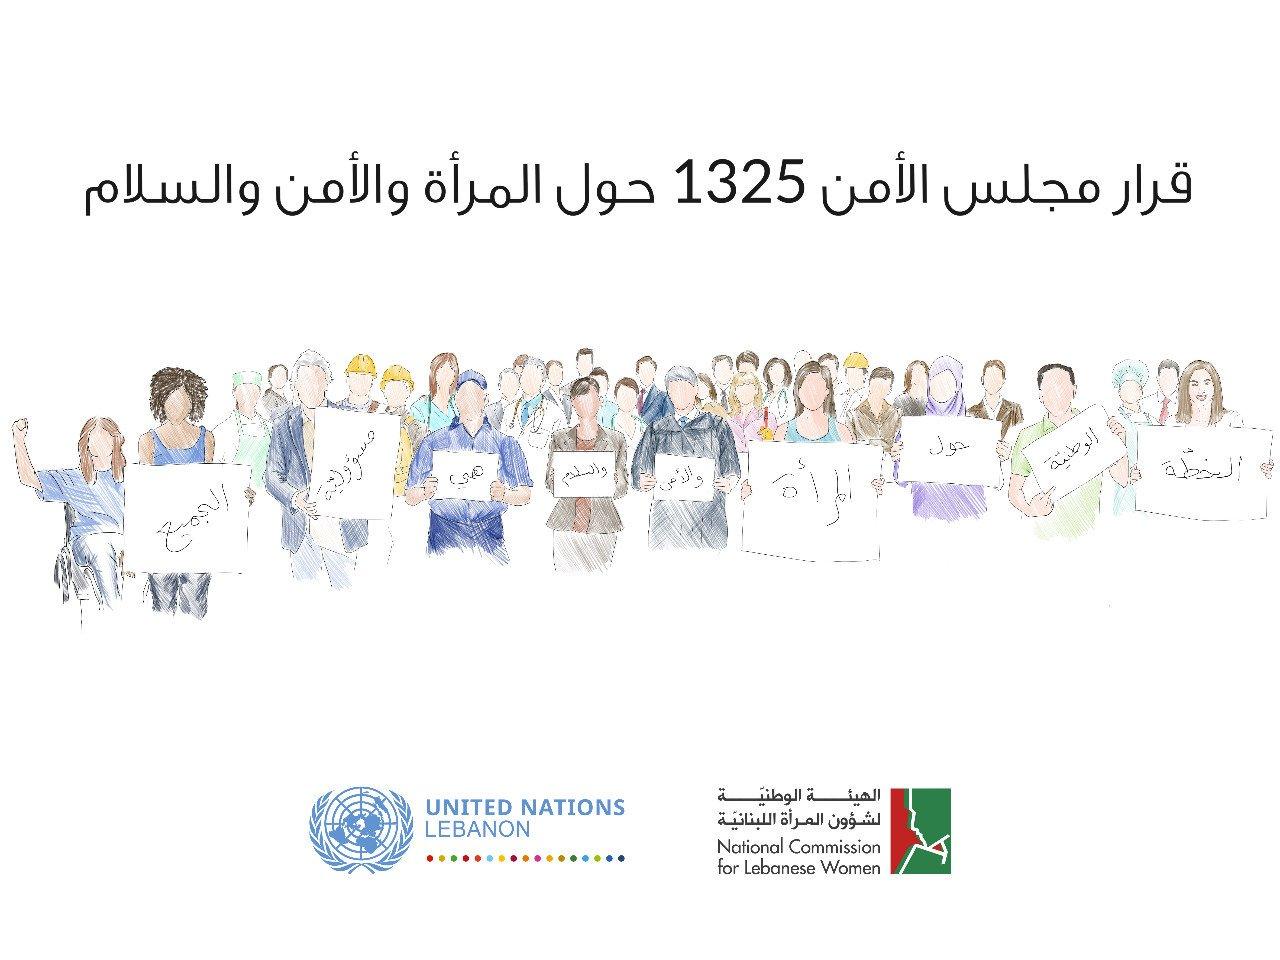 الحكومة اللبنانية تقرّ خطة العمل الوطنية الأولى الخاصة بلبنان لتطبيق قرار مجلس الأمن 1325 حول المرأة والسلام والأمن